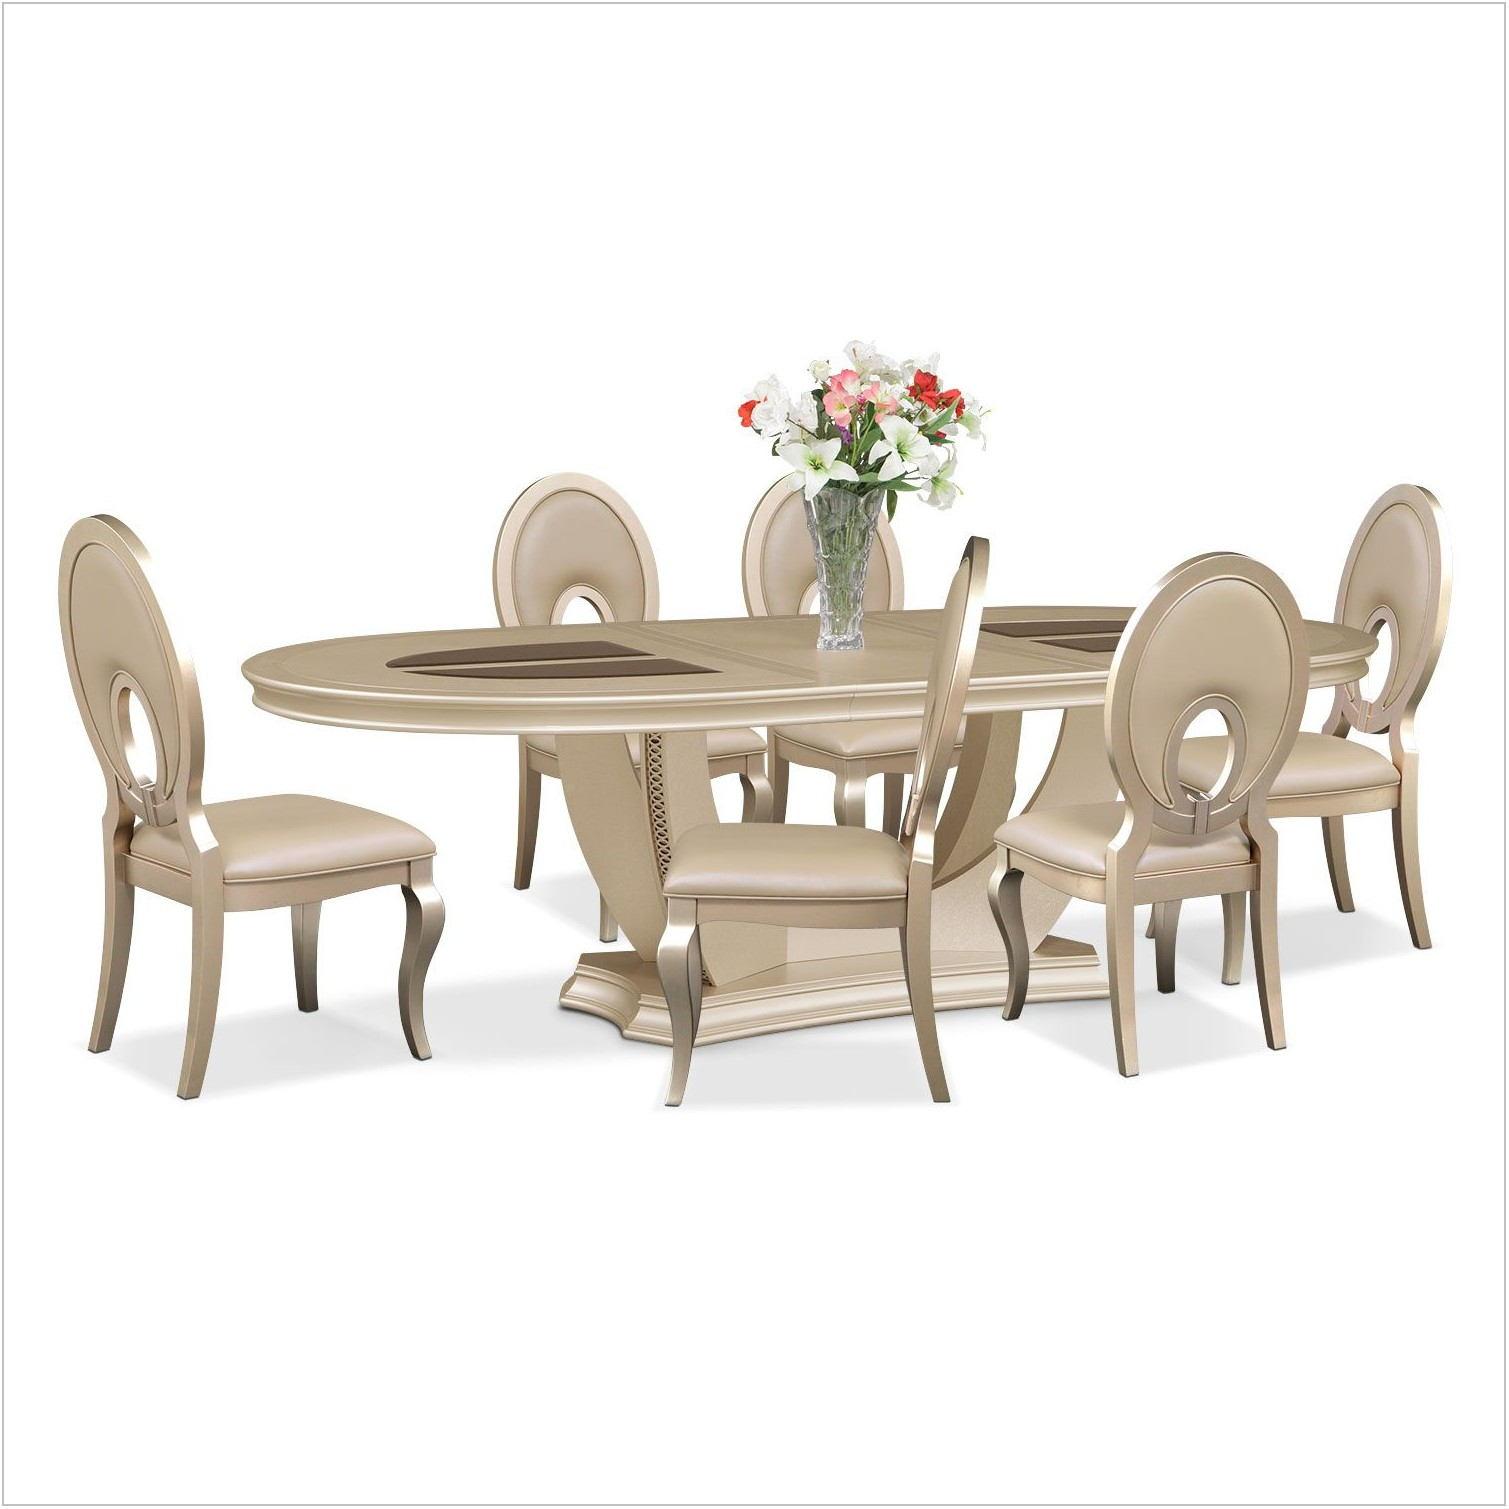 Allegro Dining Room Set